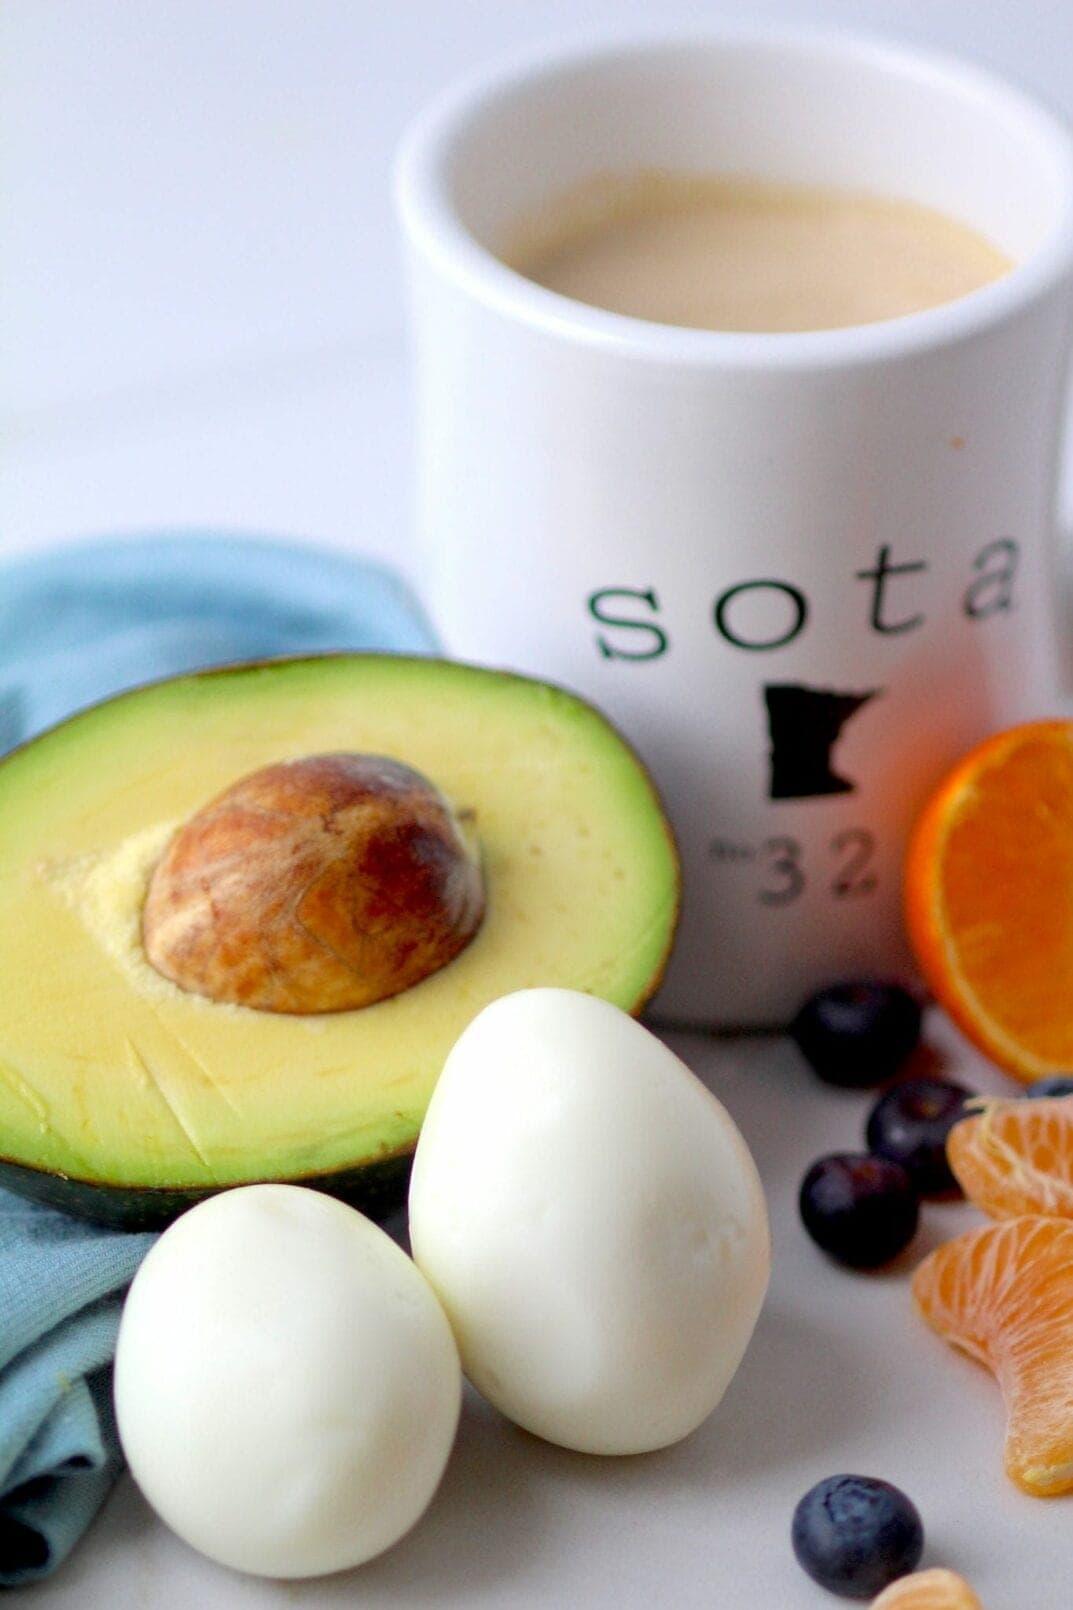 Avocado + Eggs To-Go